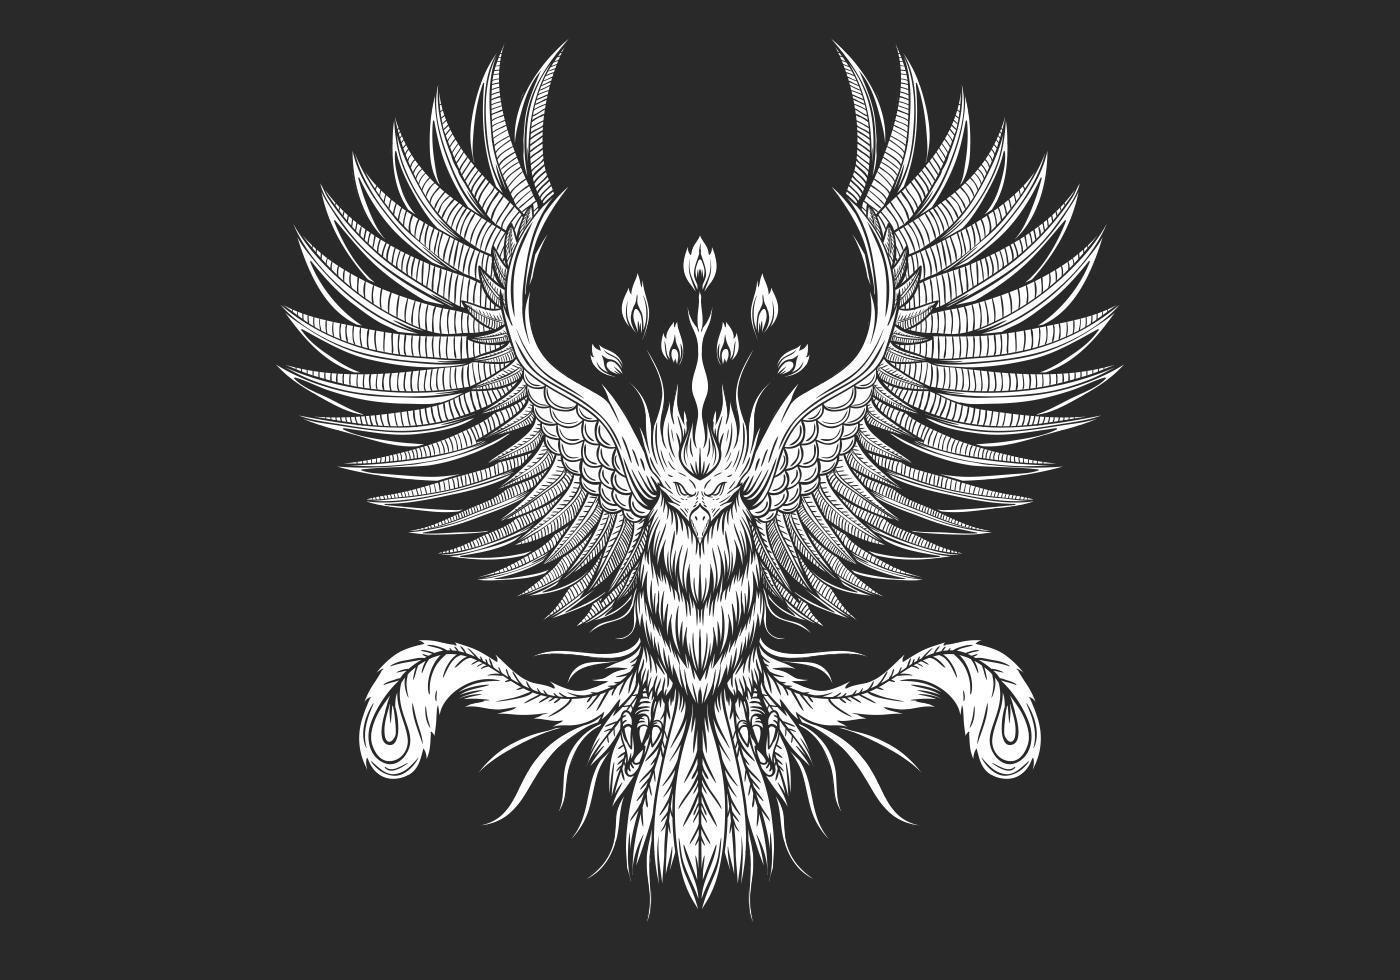 Diseño de ave fénix vector